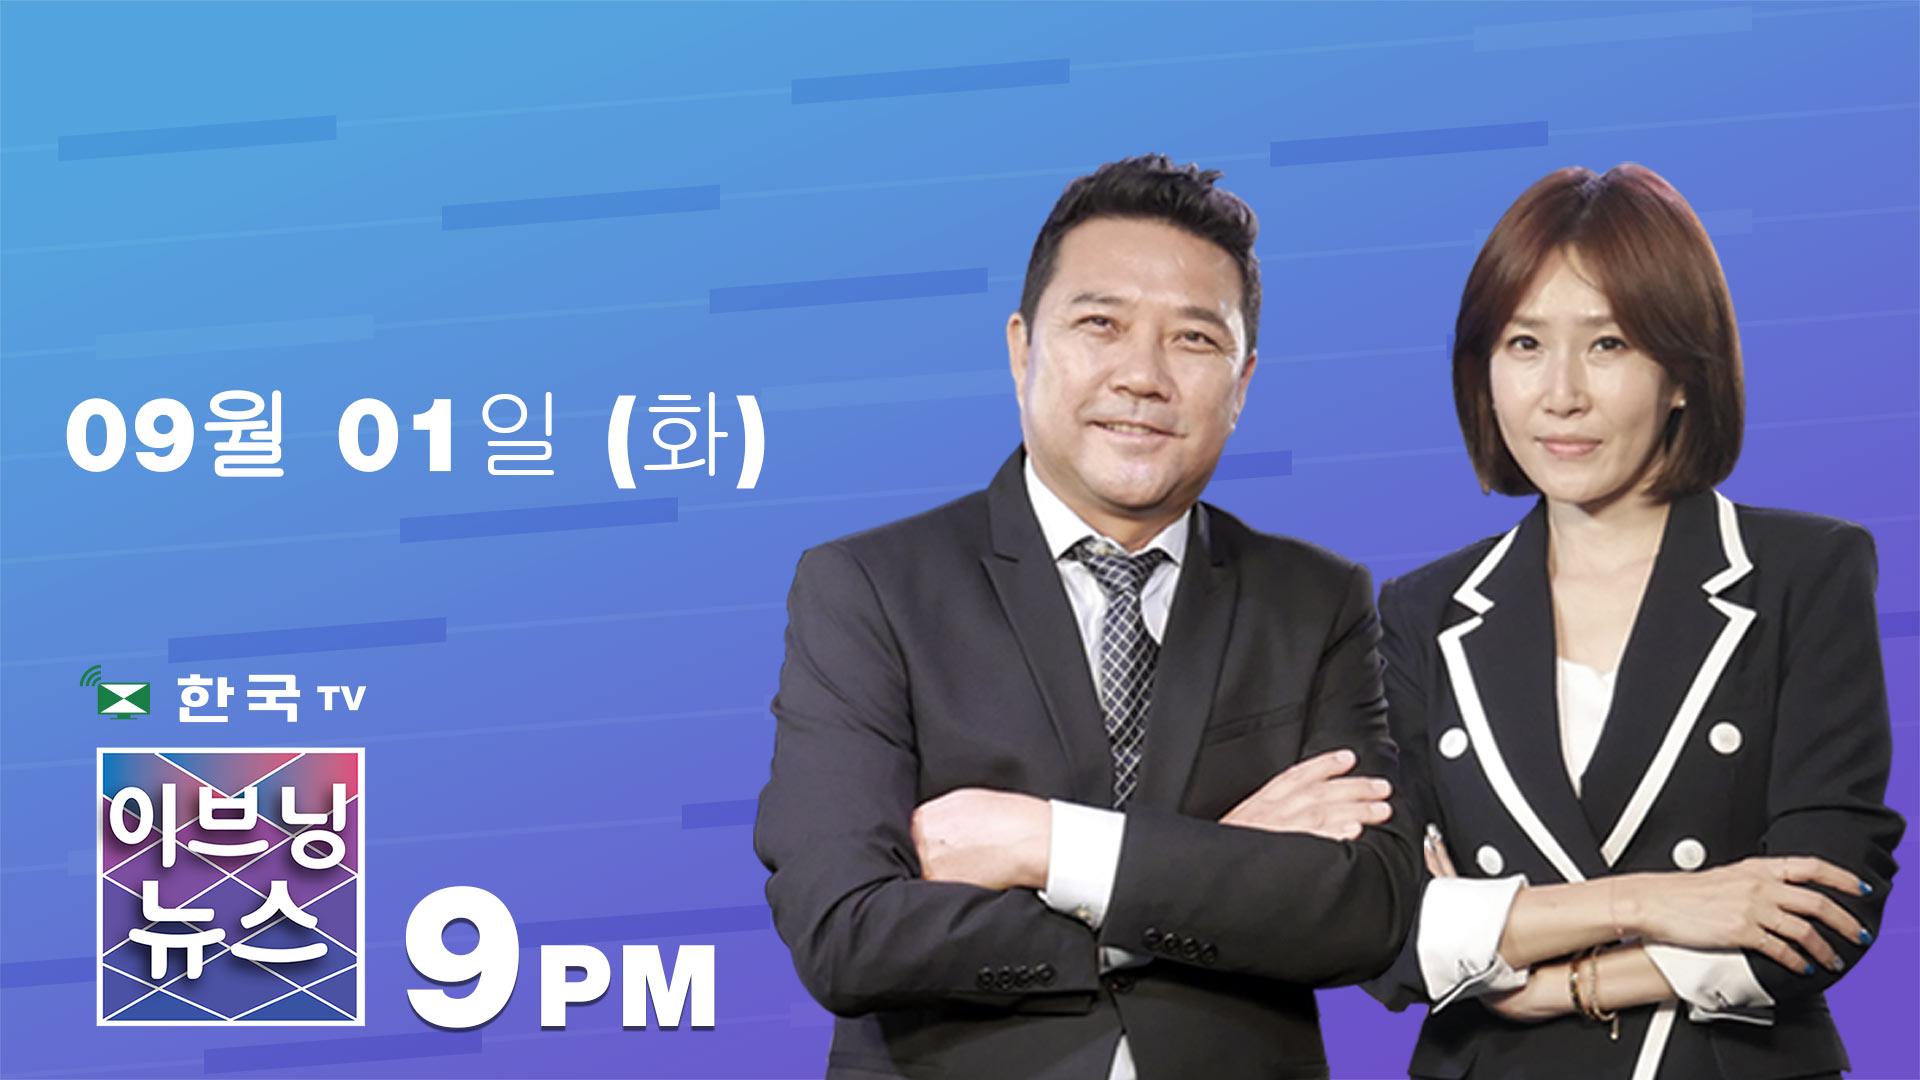 (09.01.2020) 한국TV 이브닝 뉴스